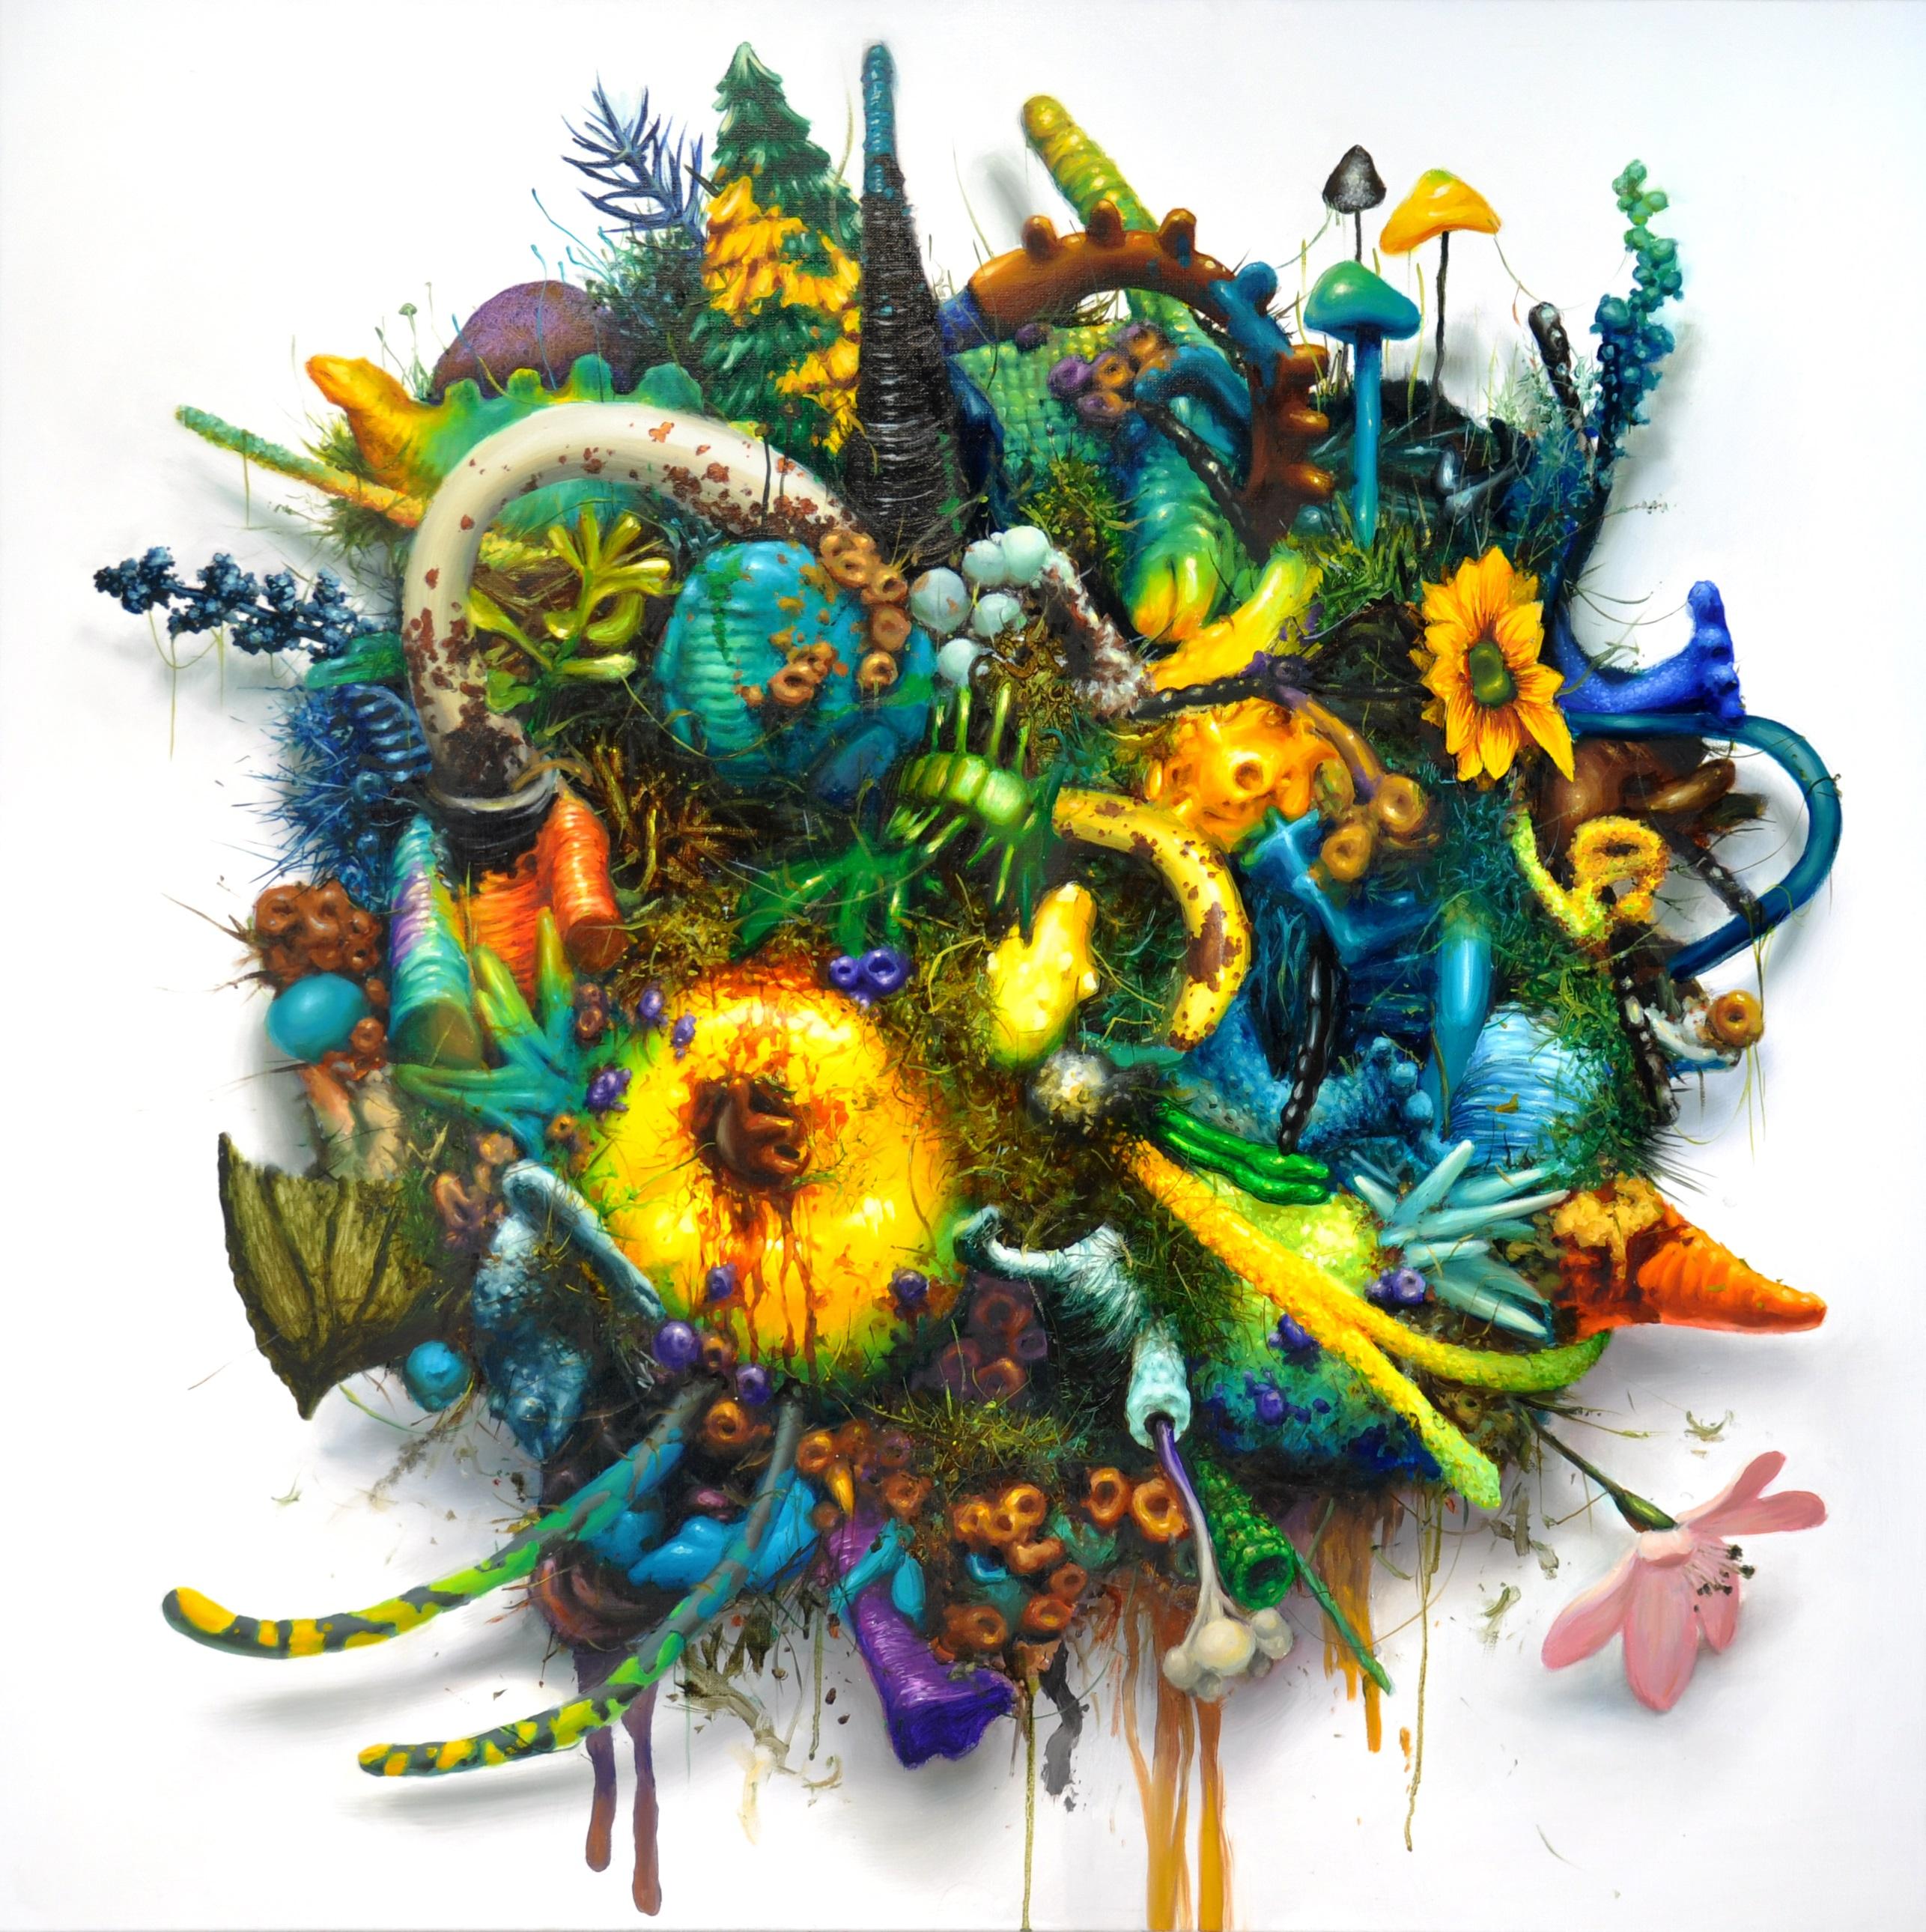 Na wystawie w Galerii Miejskiej zobaczymy prace Marcina Zawickiego